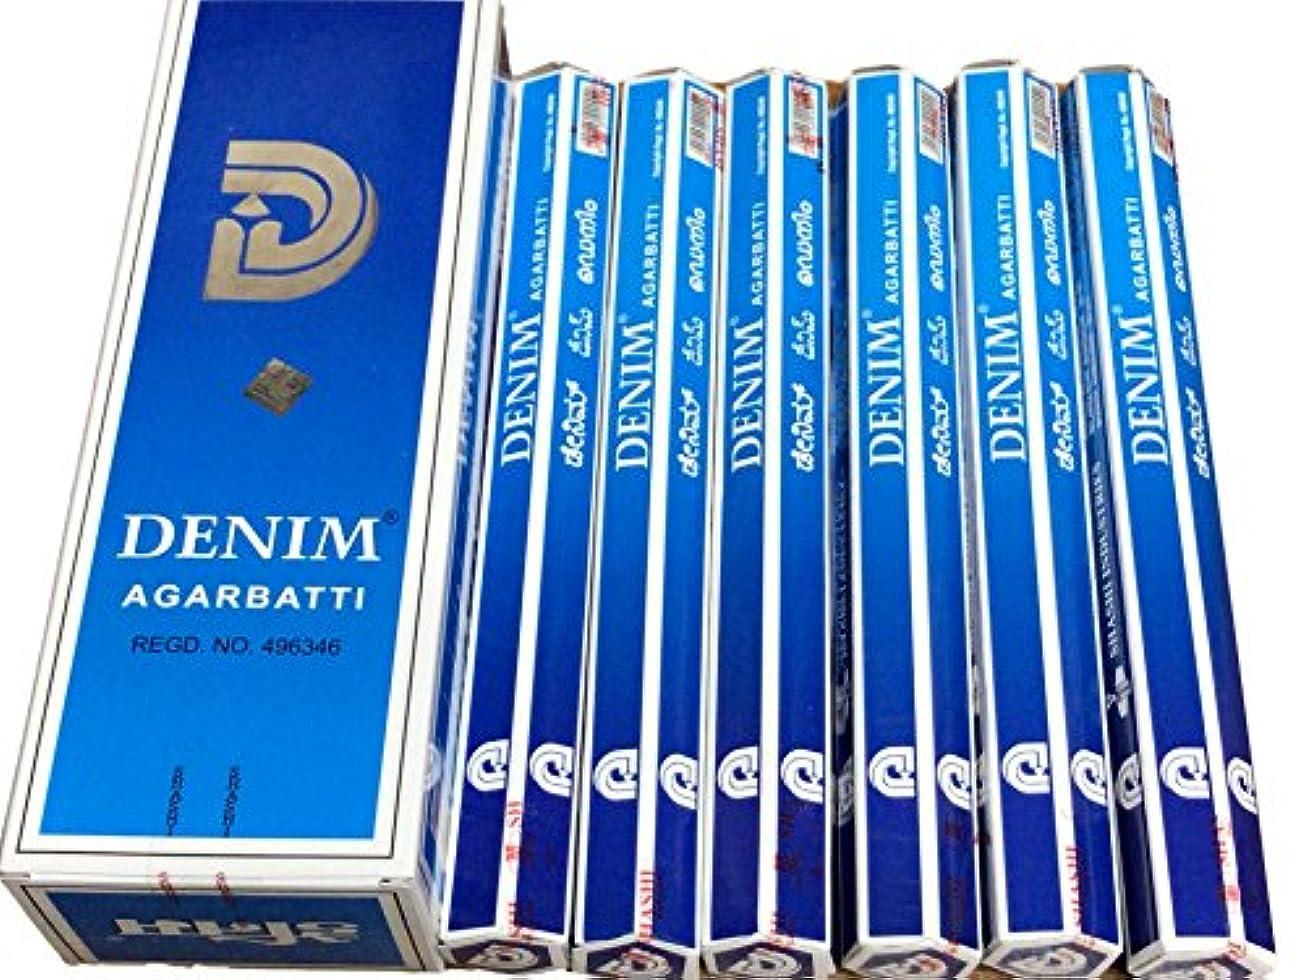 自動化突っ込む出費SHASHI シャシ デニム DENIM デニム ステック お香 6本 セット